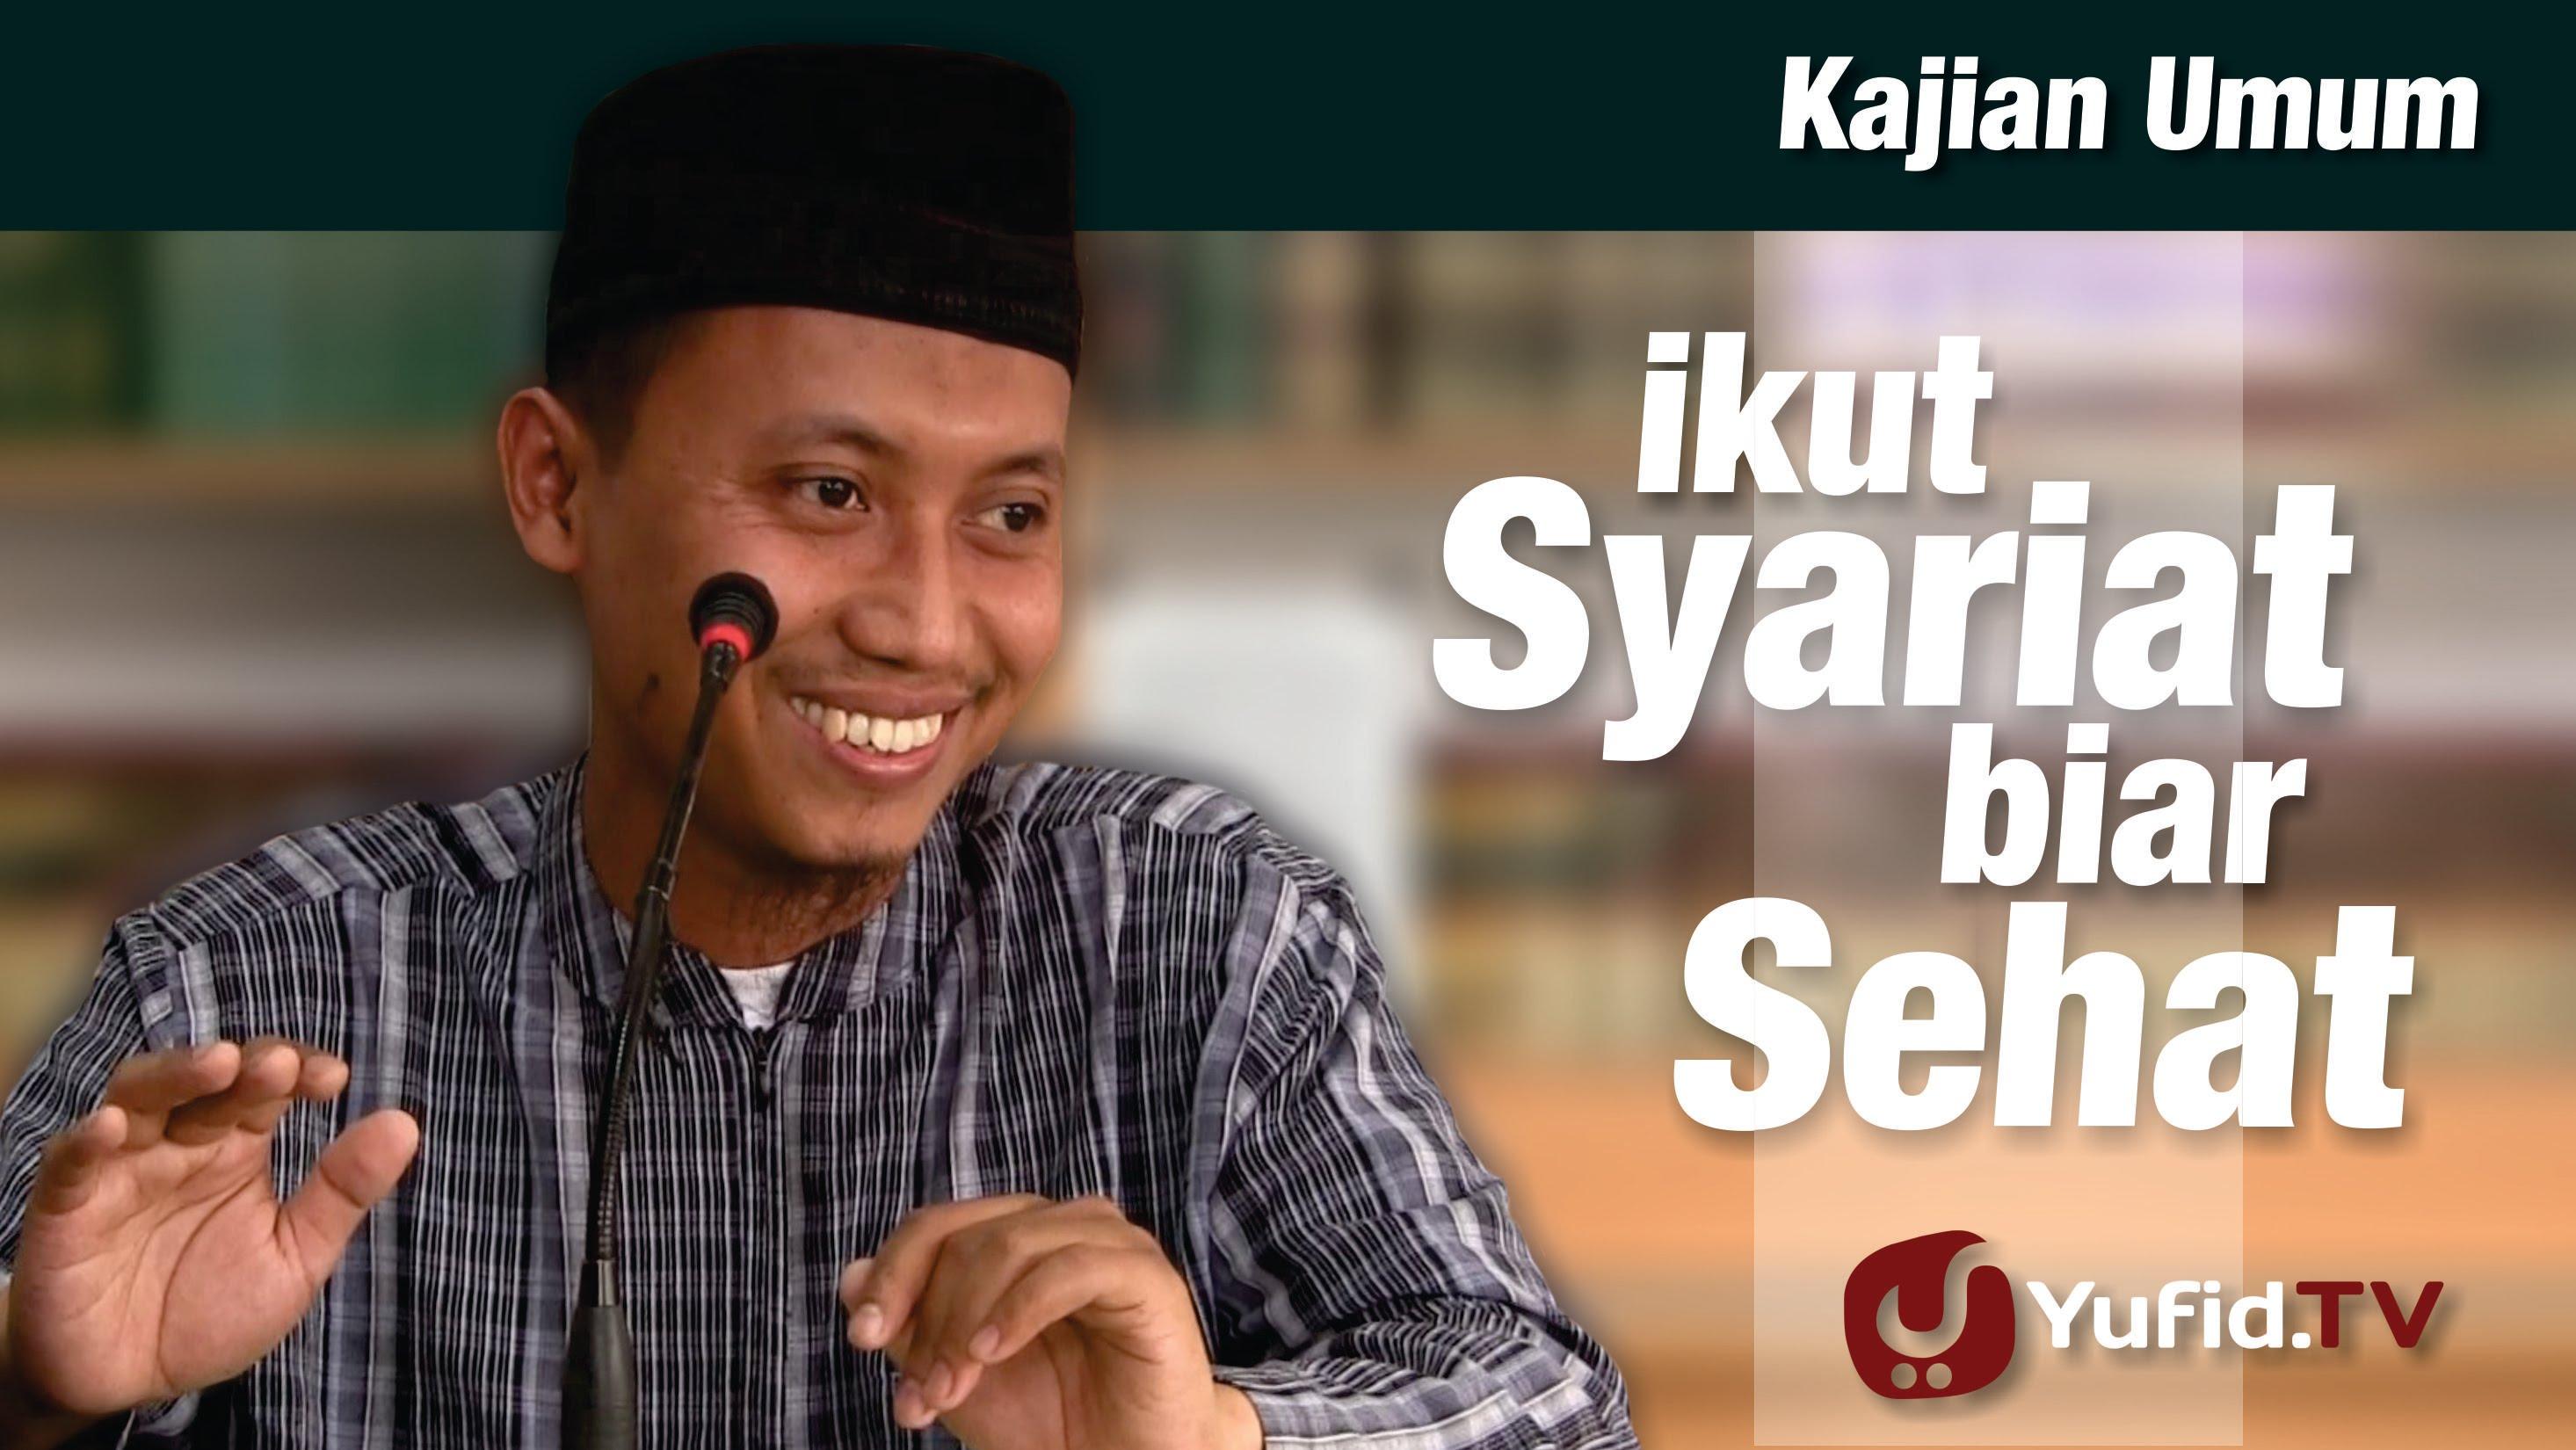 kajian islam ikut syariat biar sehat ustadz ammi nur